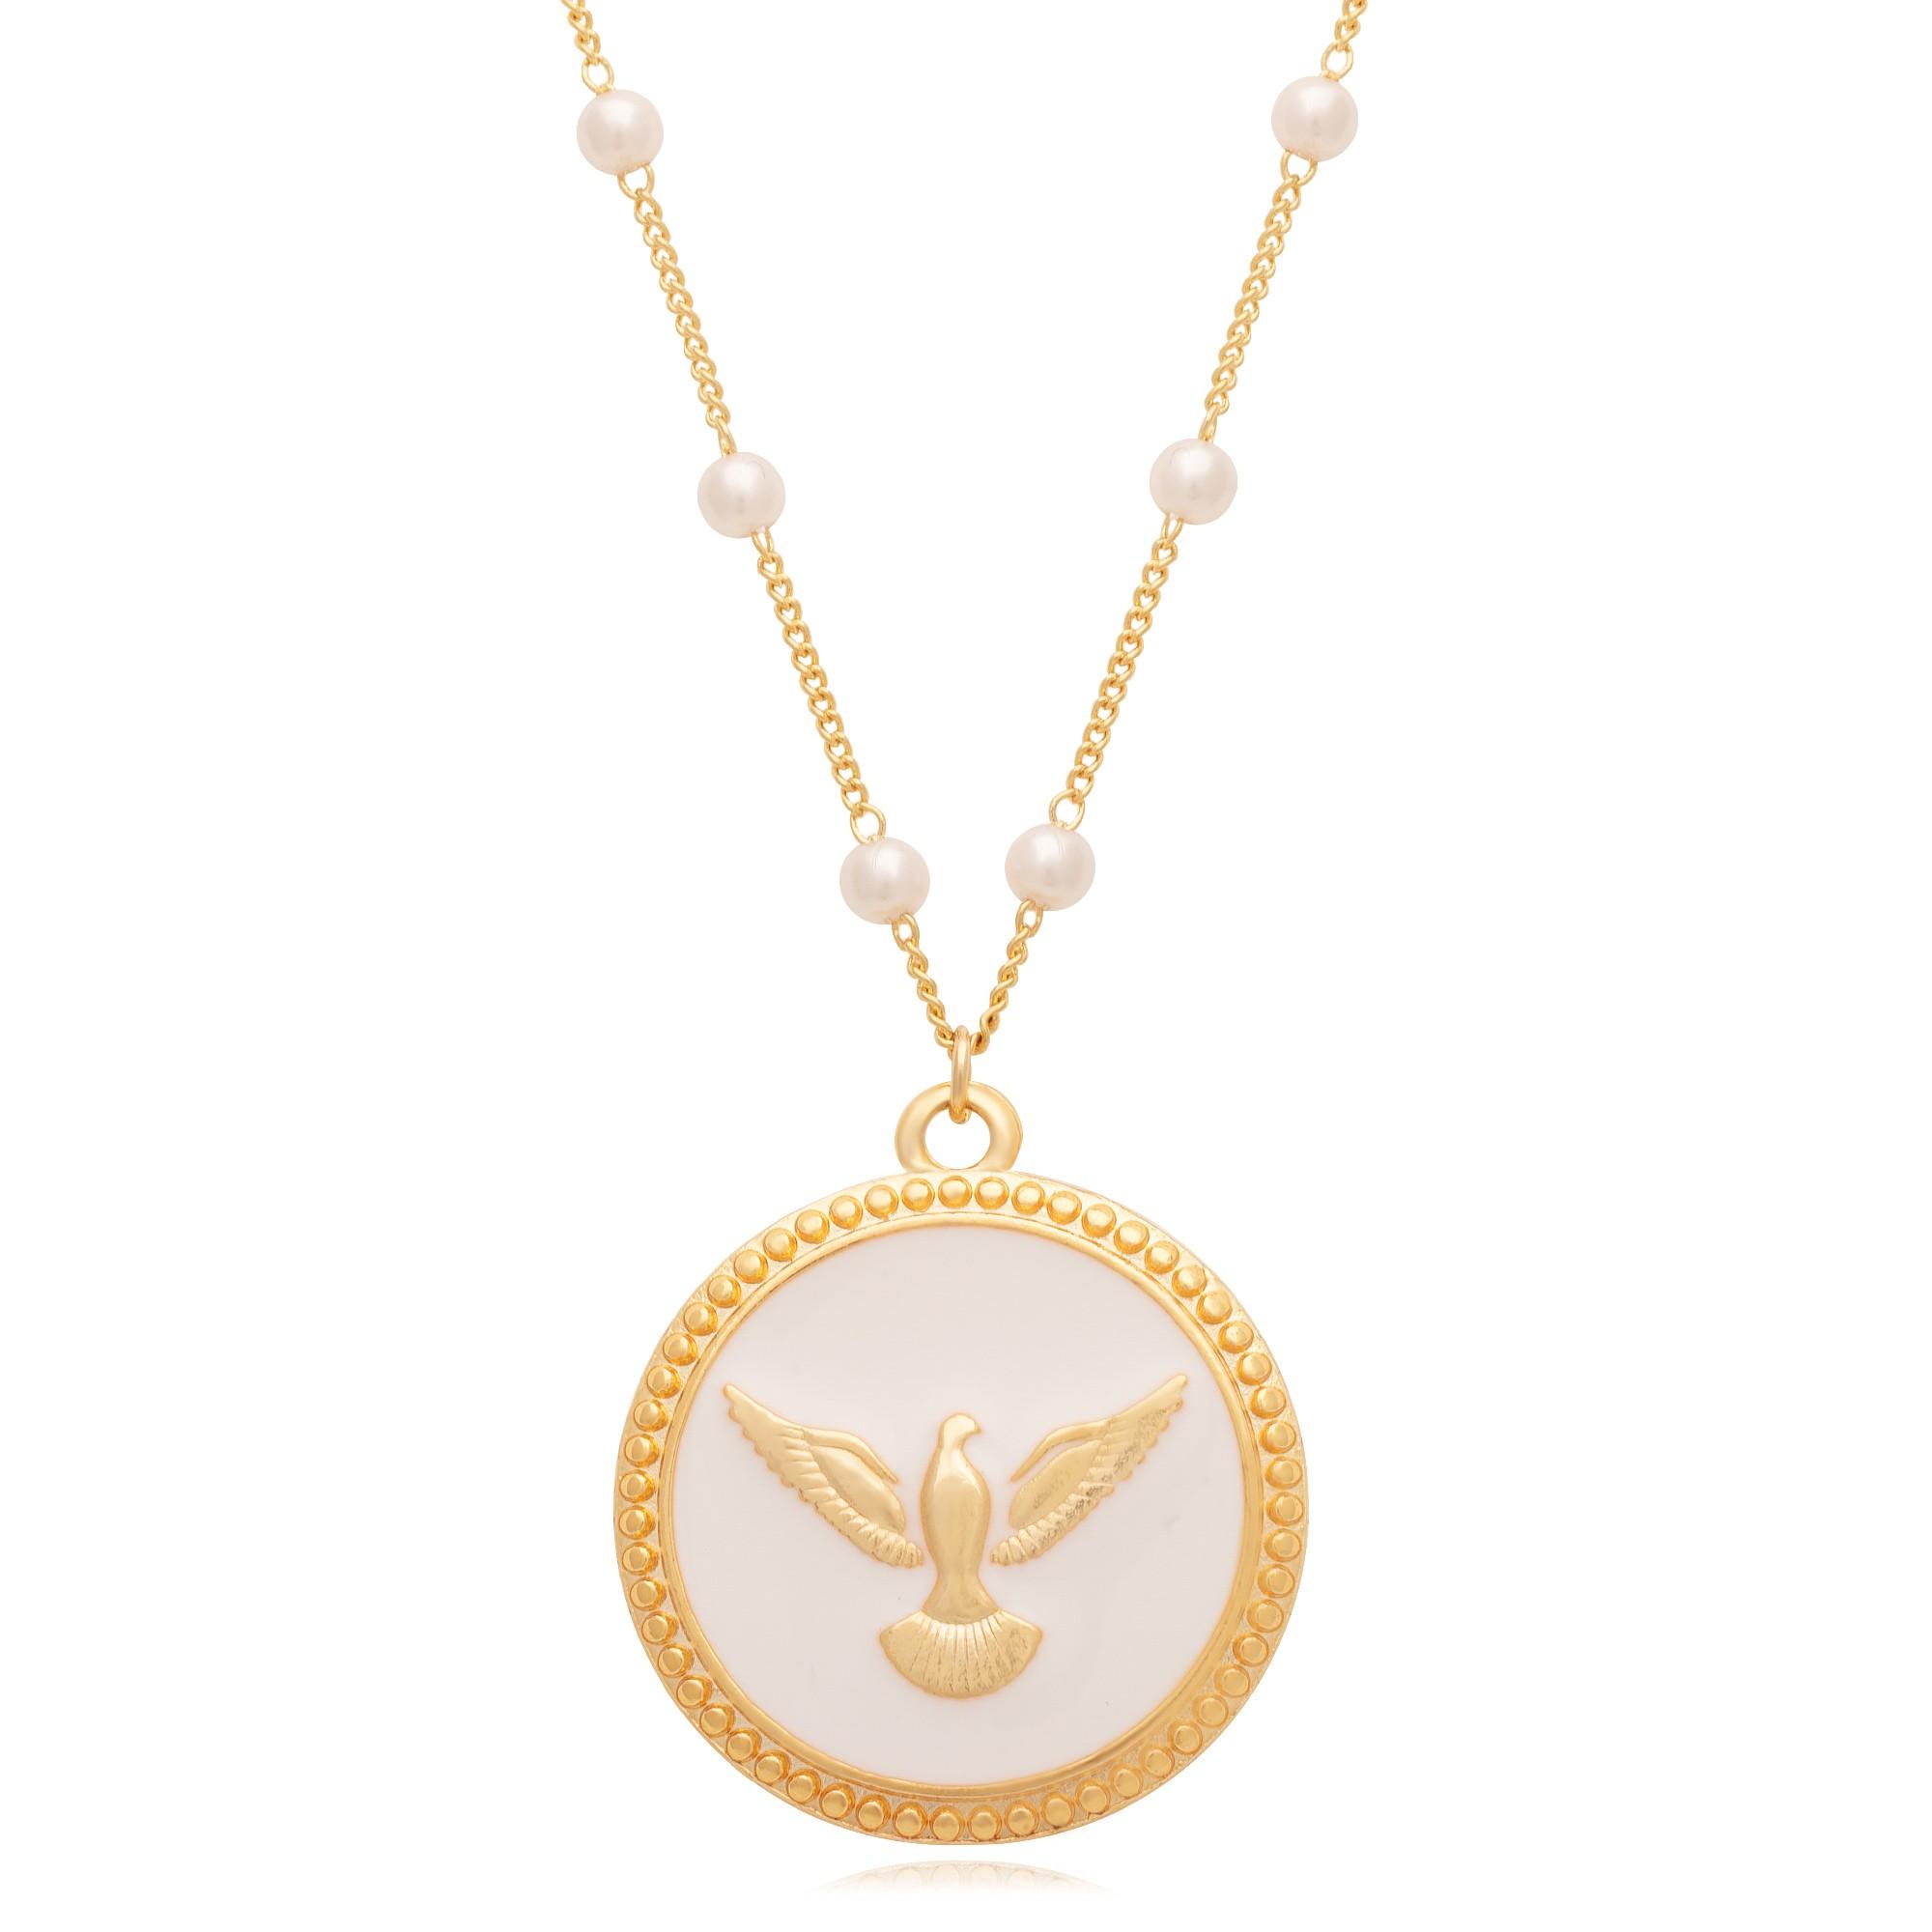 Colar banhado à ouro 18k com pingente de Espirito Santo resinado em madreperola.  - bfdecor.com.br